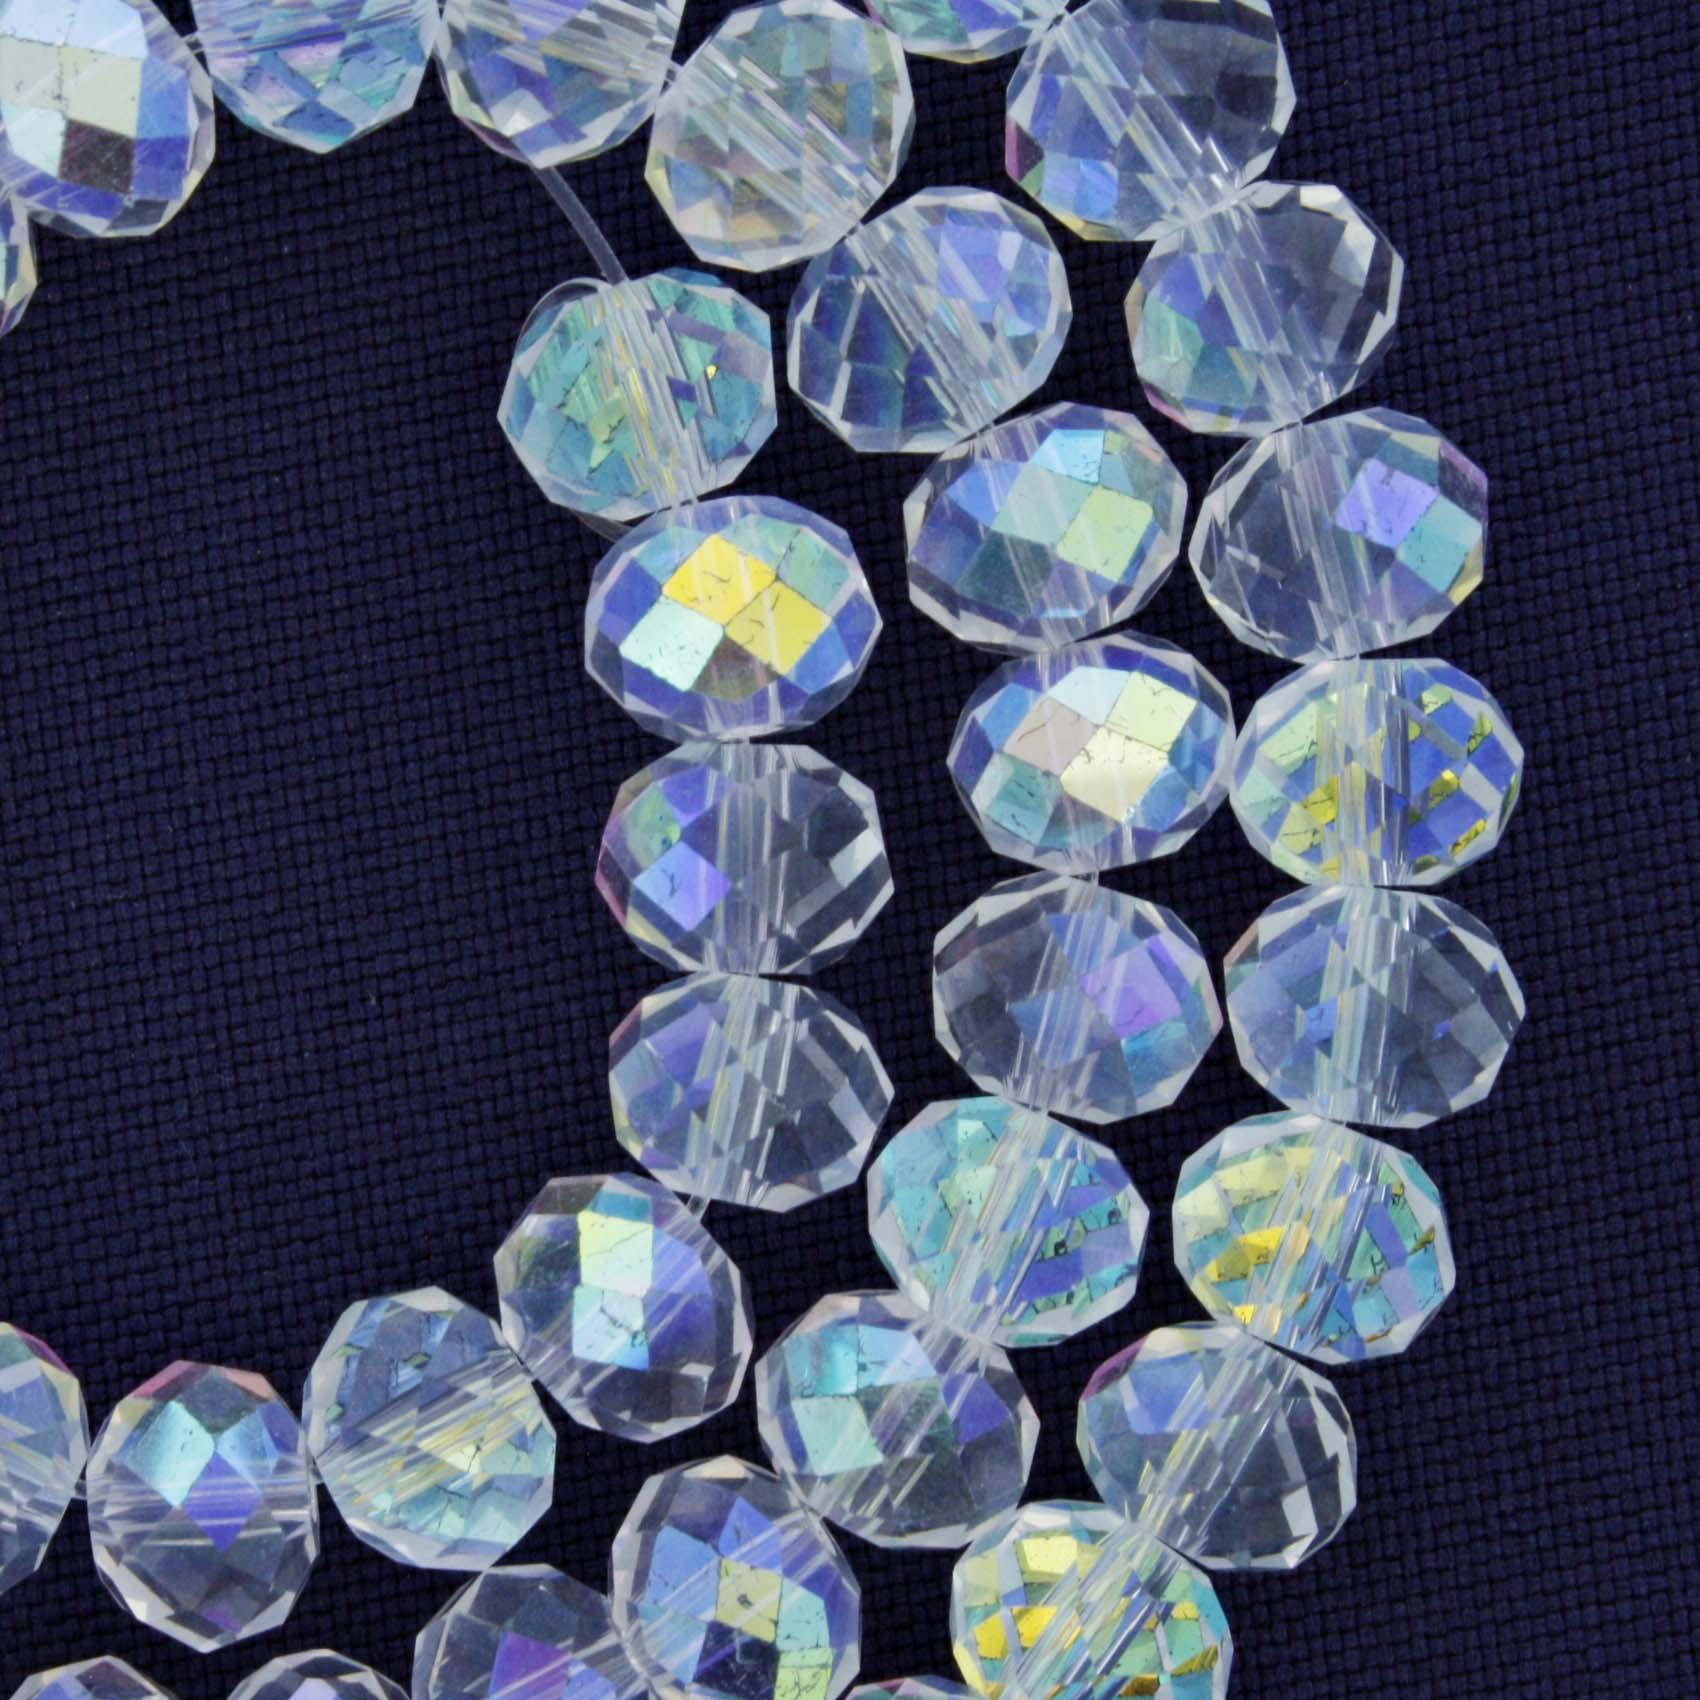 Fio de Cristal - Piatto® - Transparente Irizado - 8mm  - Universo Religioso® - Artigos de Umbanda e Candomblé